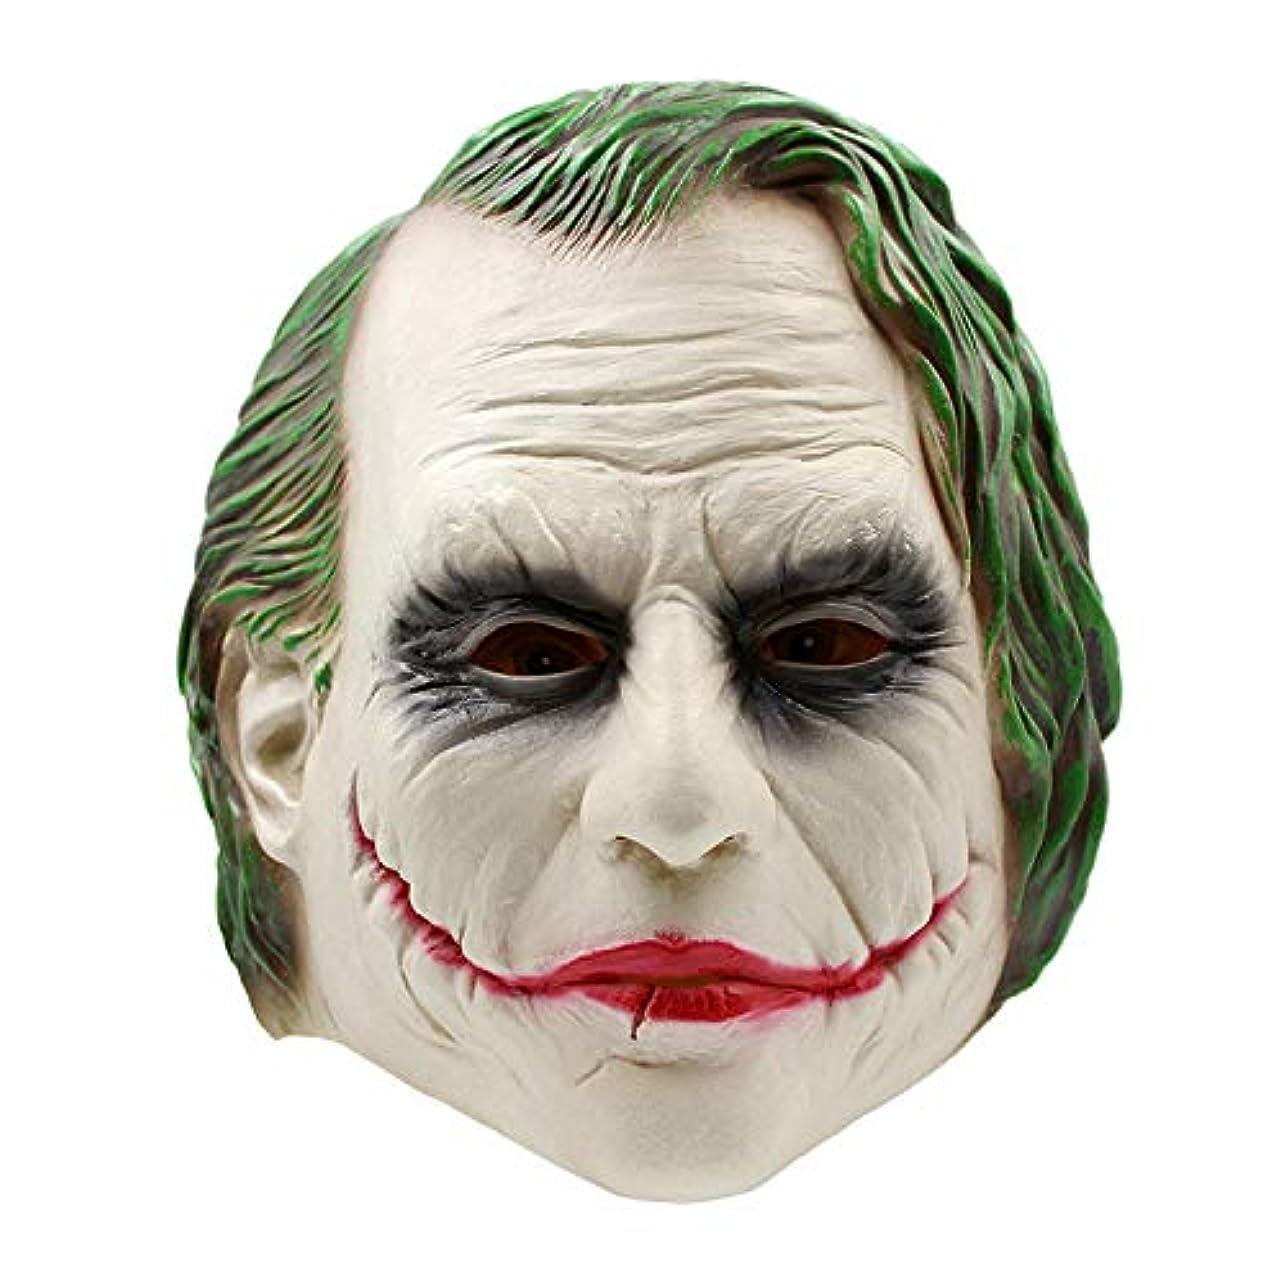 上級下手艶ハロウィーンピエロマスクラテックスヘッドカバーダークナイトマスク